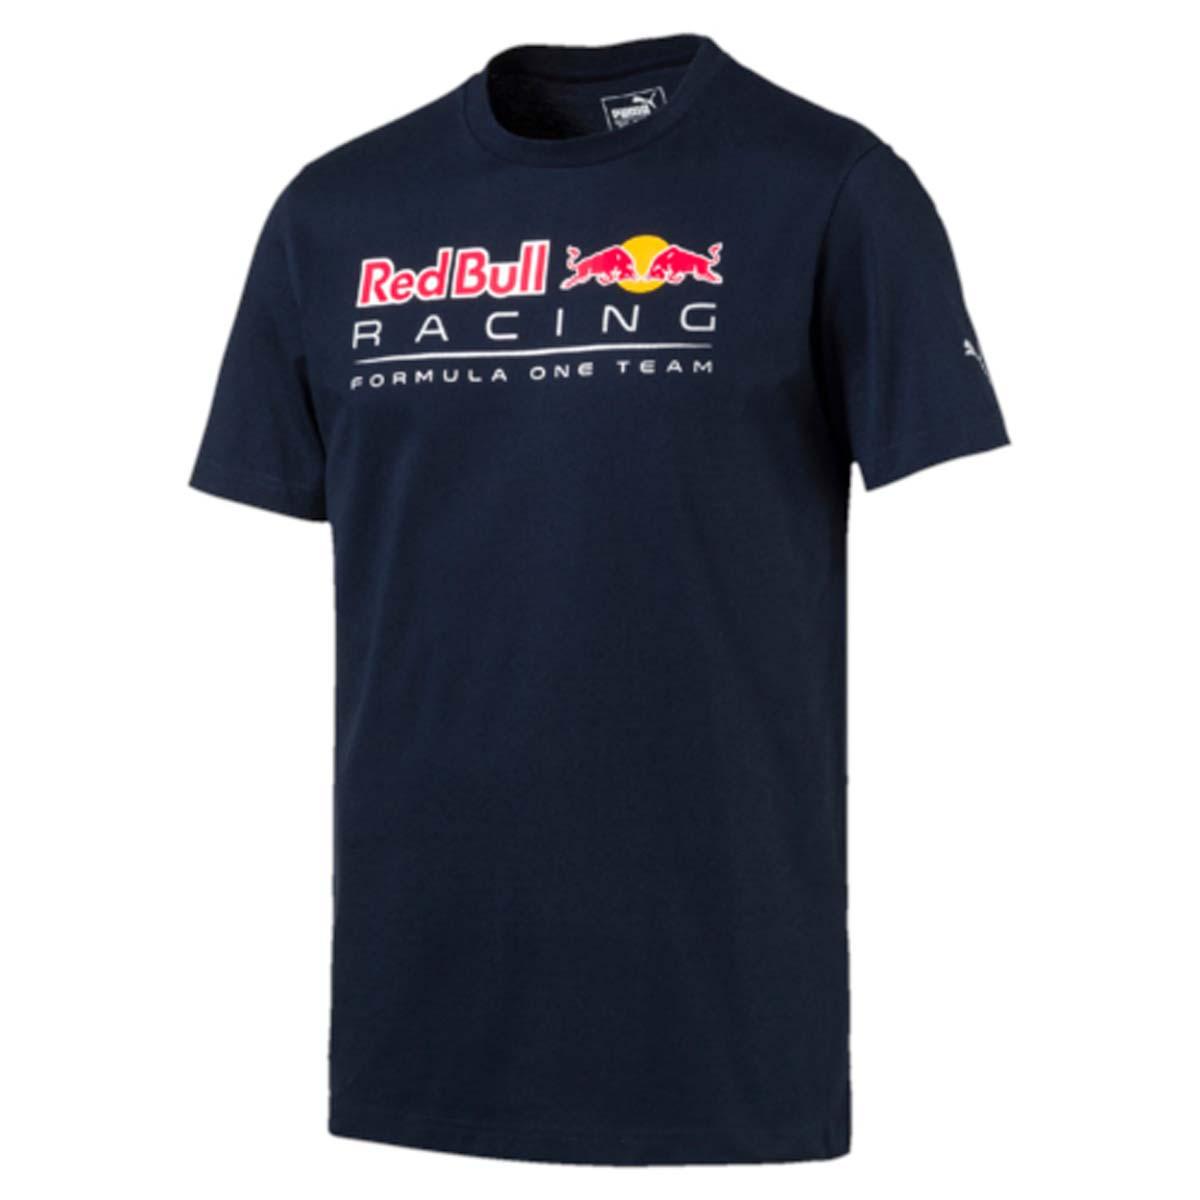 Футболка мужская Puma RBR Logo Tee, цвет: синий. 572747_01. Размер M (46/48)572747_01Футболка мужская RBR Logo Tee выполнена из чистого хлопка и отличается хорошей воздухопроницаемостью. Изделие имеет классический крой, круглый вырез горловины и короткие рукава. Спереди модель украшена логотипом Red Bull Racing, на левом рукаве имеется логотип PUMA. Такая футболка незаменима для любителей автоспорта.